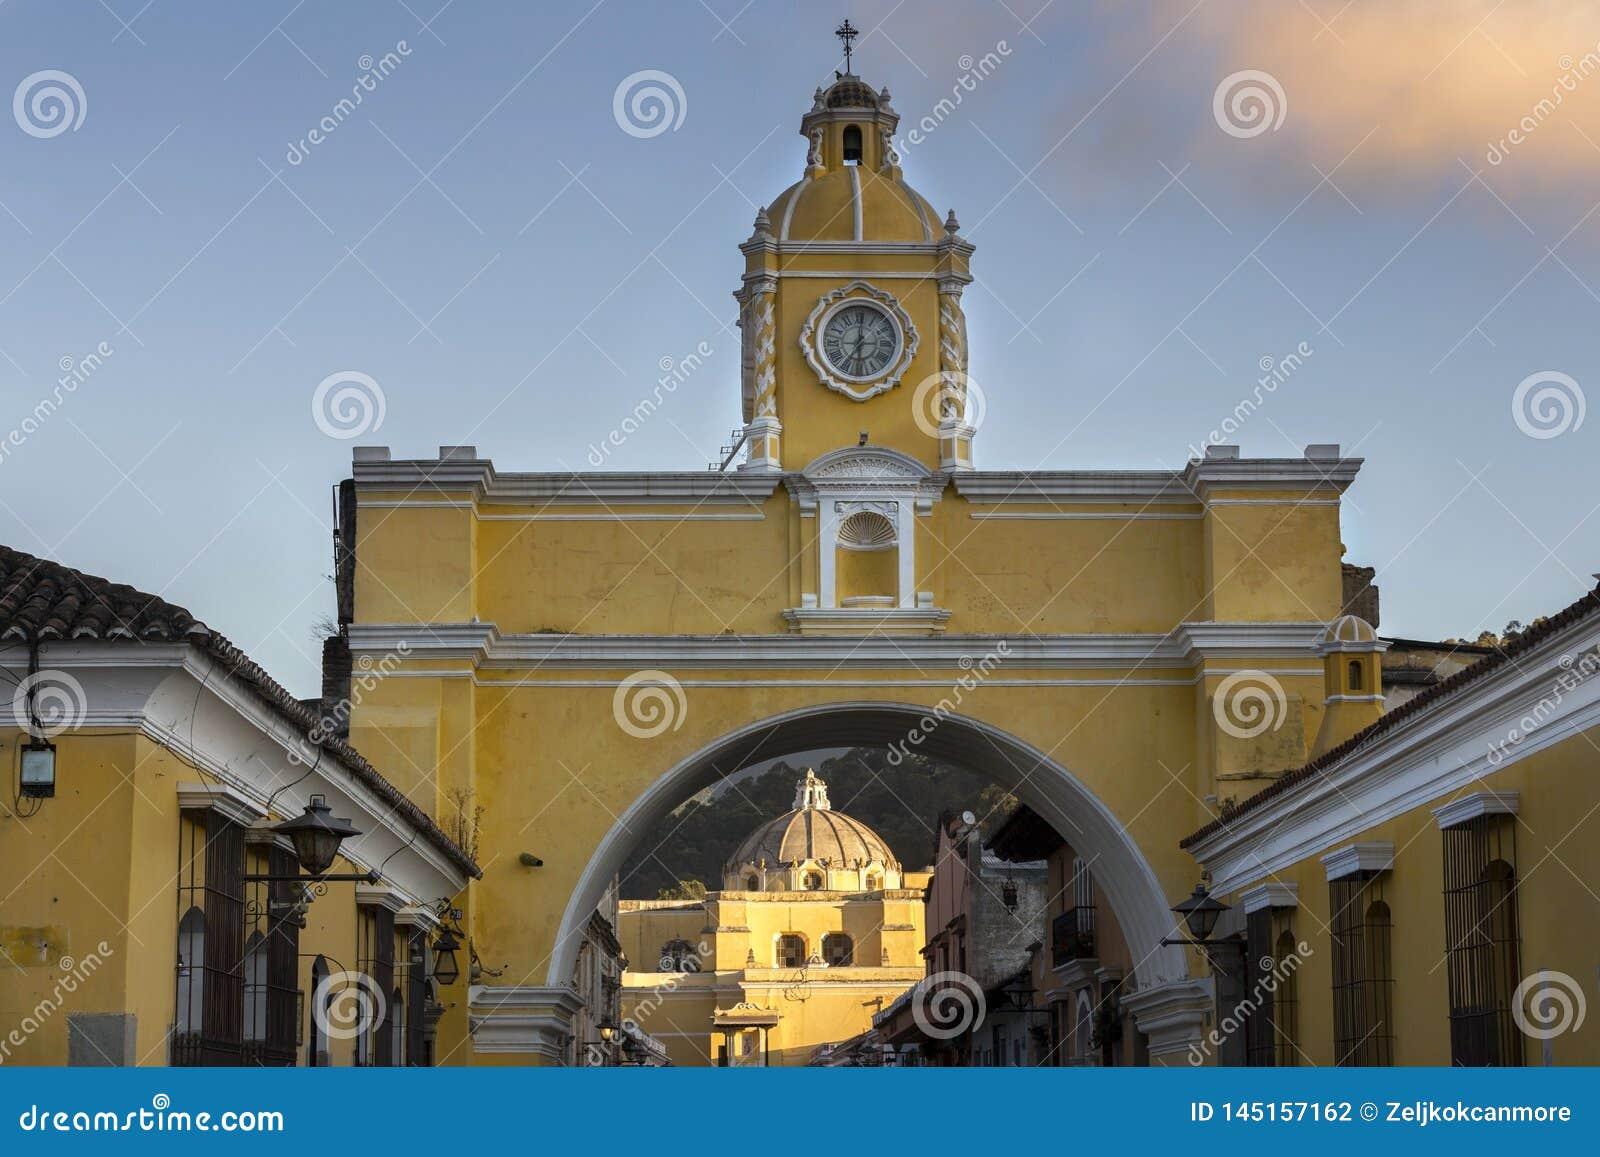 Spanische Kolonialarchitektur in der alten Stadt Antigua Guatemala mit Santa Catalina Arch und in der katholischen Kirche Iglesia